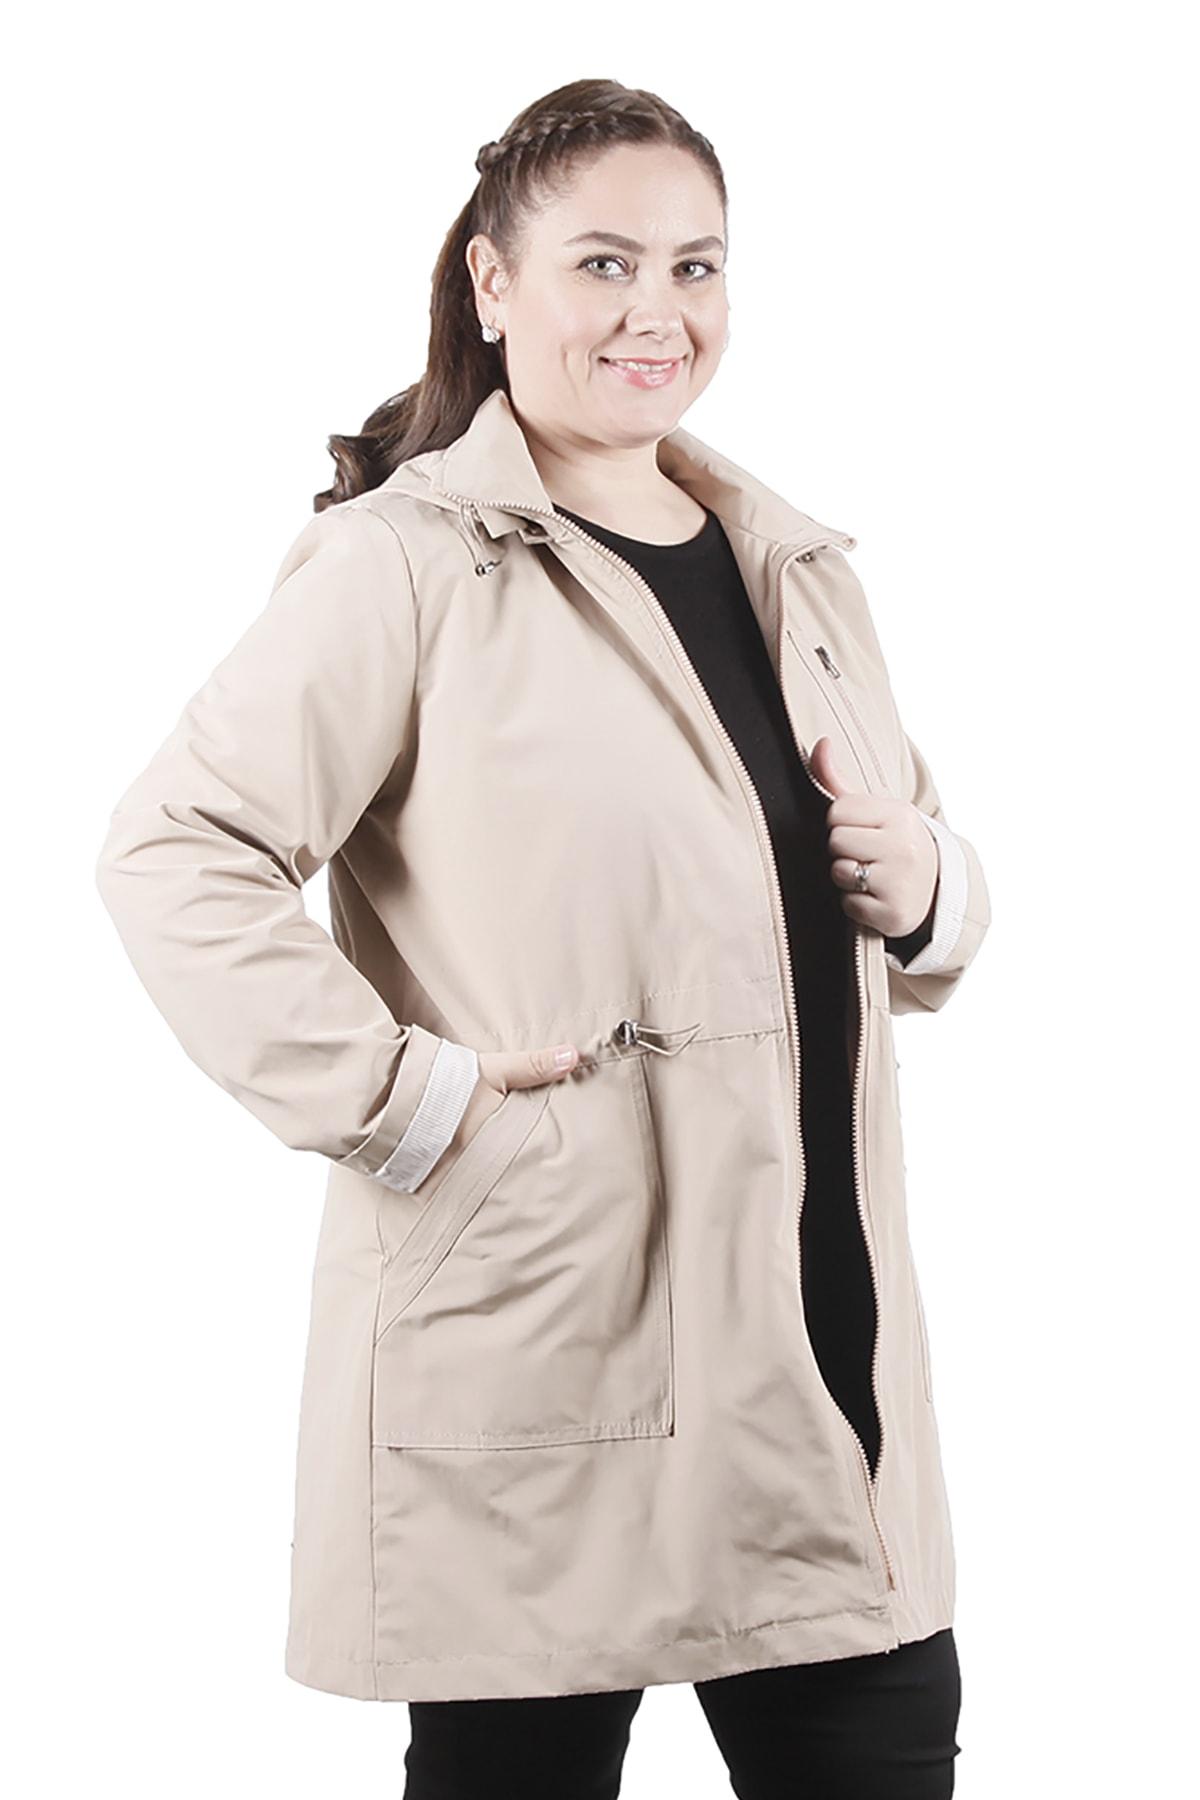 Rmg Kadın Büyük Beden Trençkot 9731 Krem/Cream 20S49009731 2